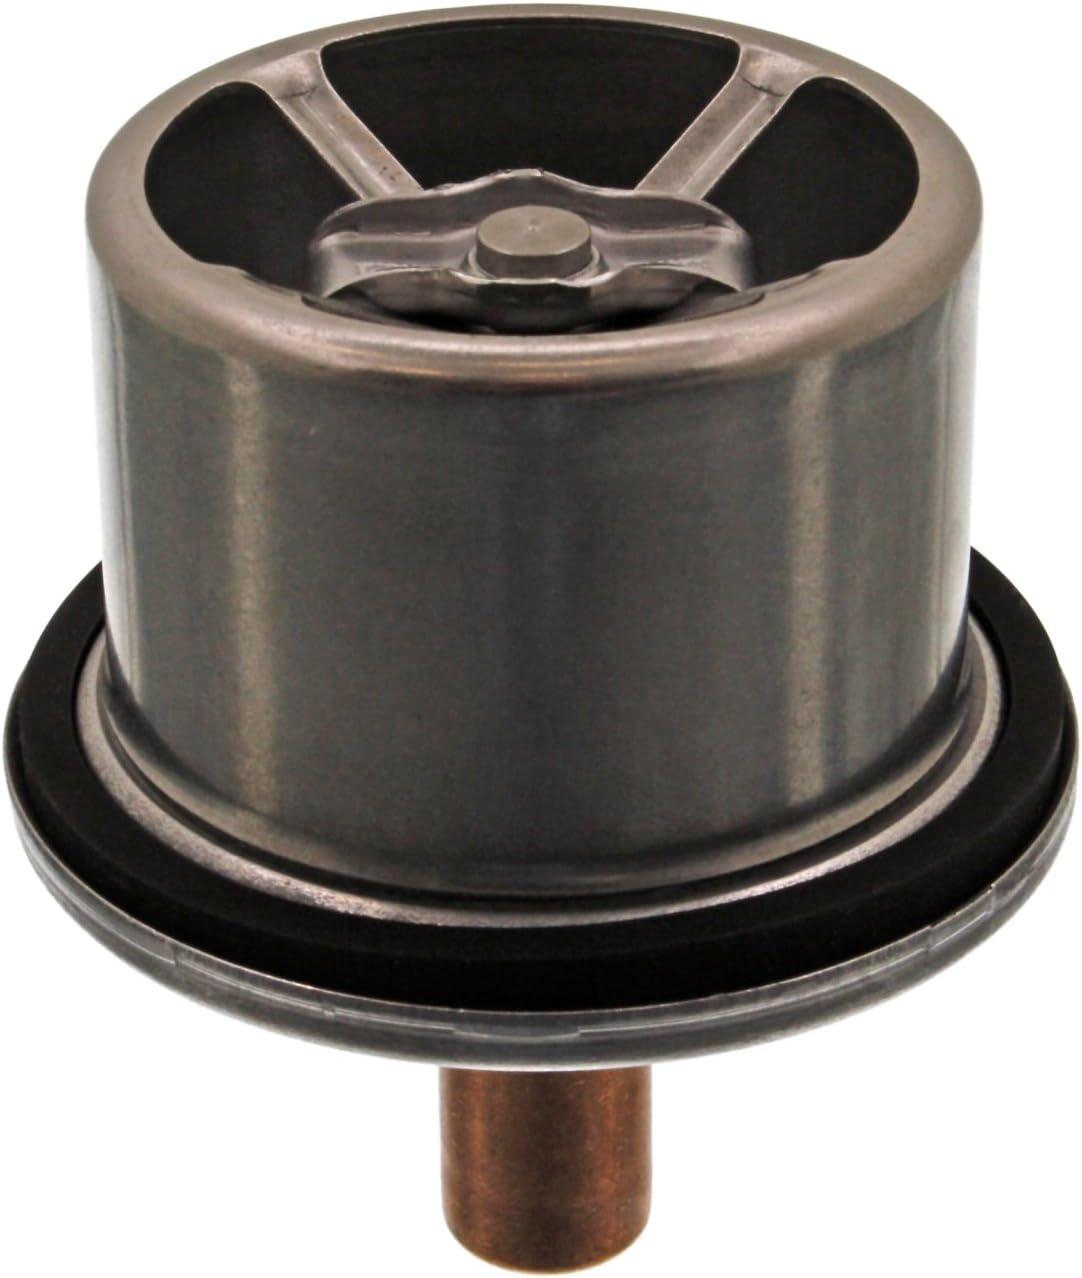 Febi Bilstein 39858 Thermostat Mit Dichtring 1 Stück Auto